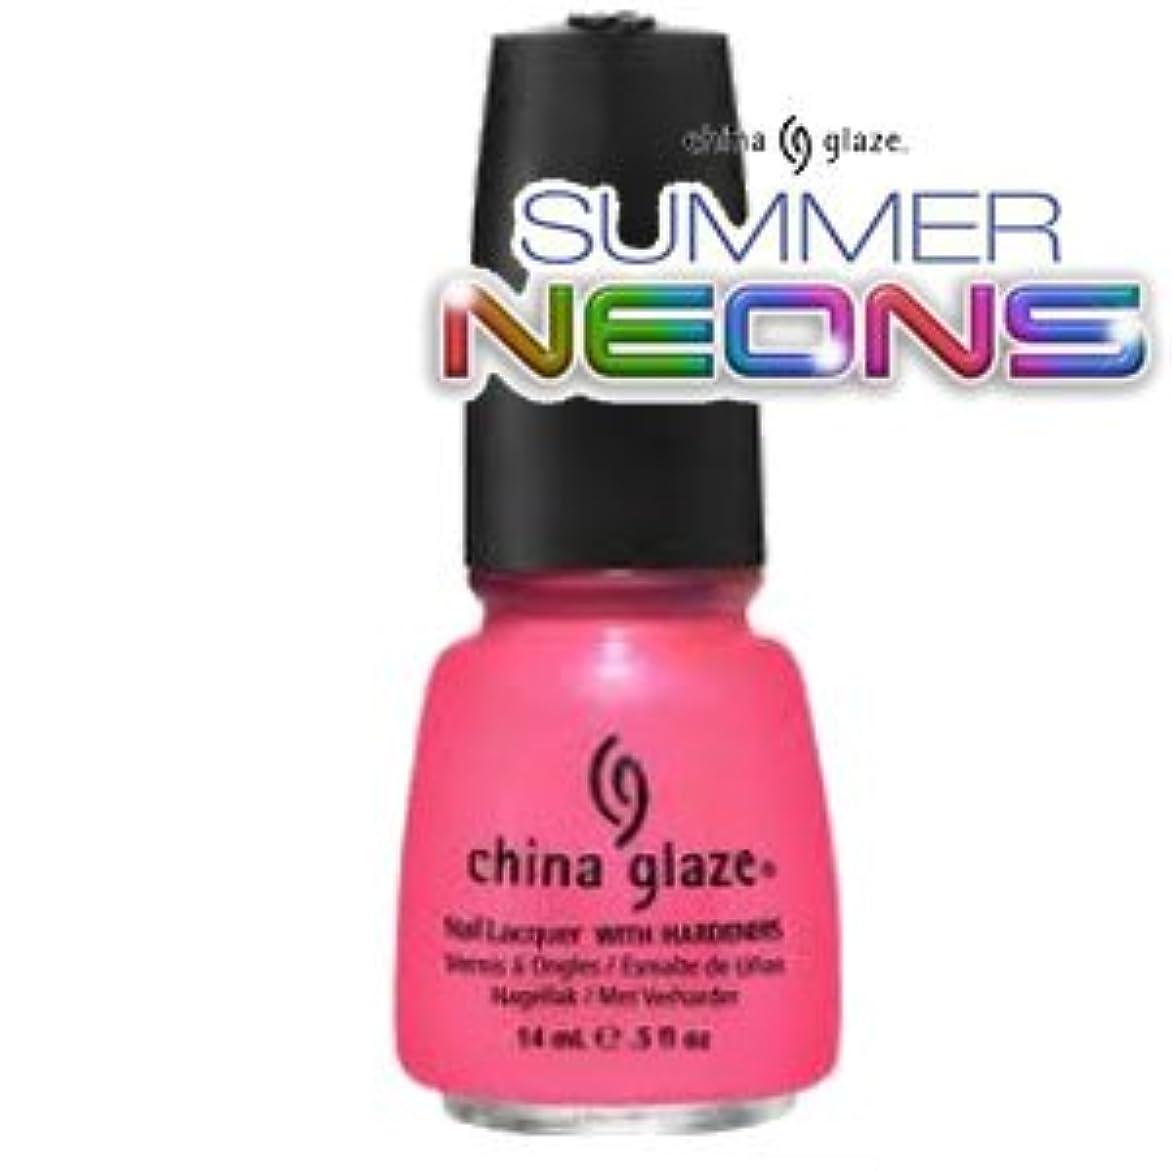 満足させる表向き熟す(チャイナグレイズ)China Glaze Pink Plumeriaーサマーネオン コレクション [海外直送品][並行輸入品]